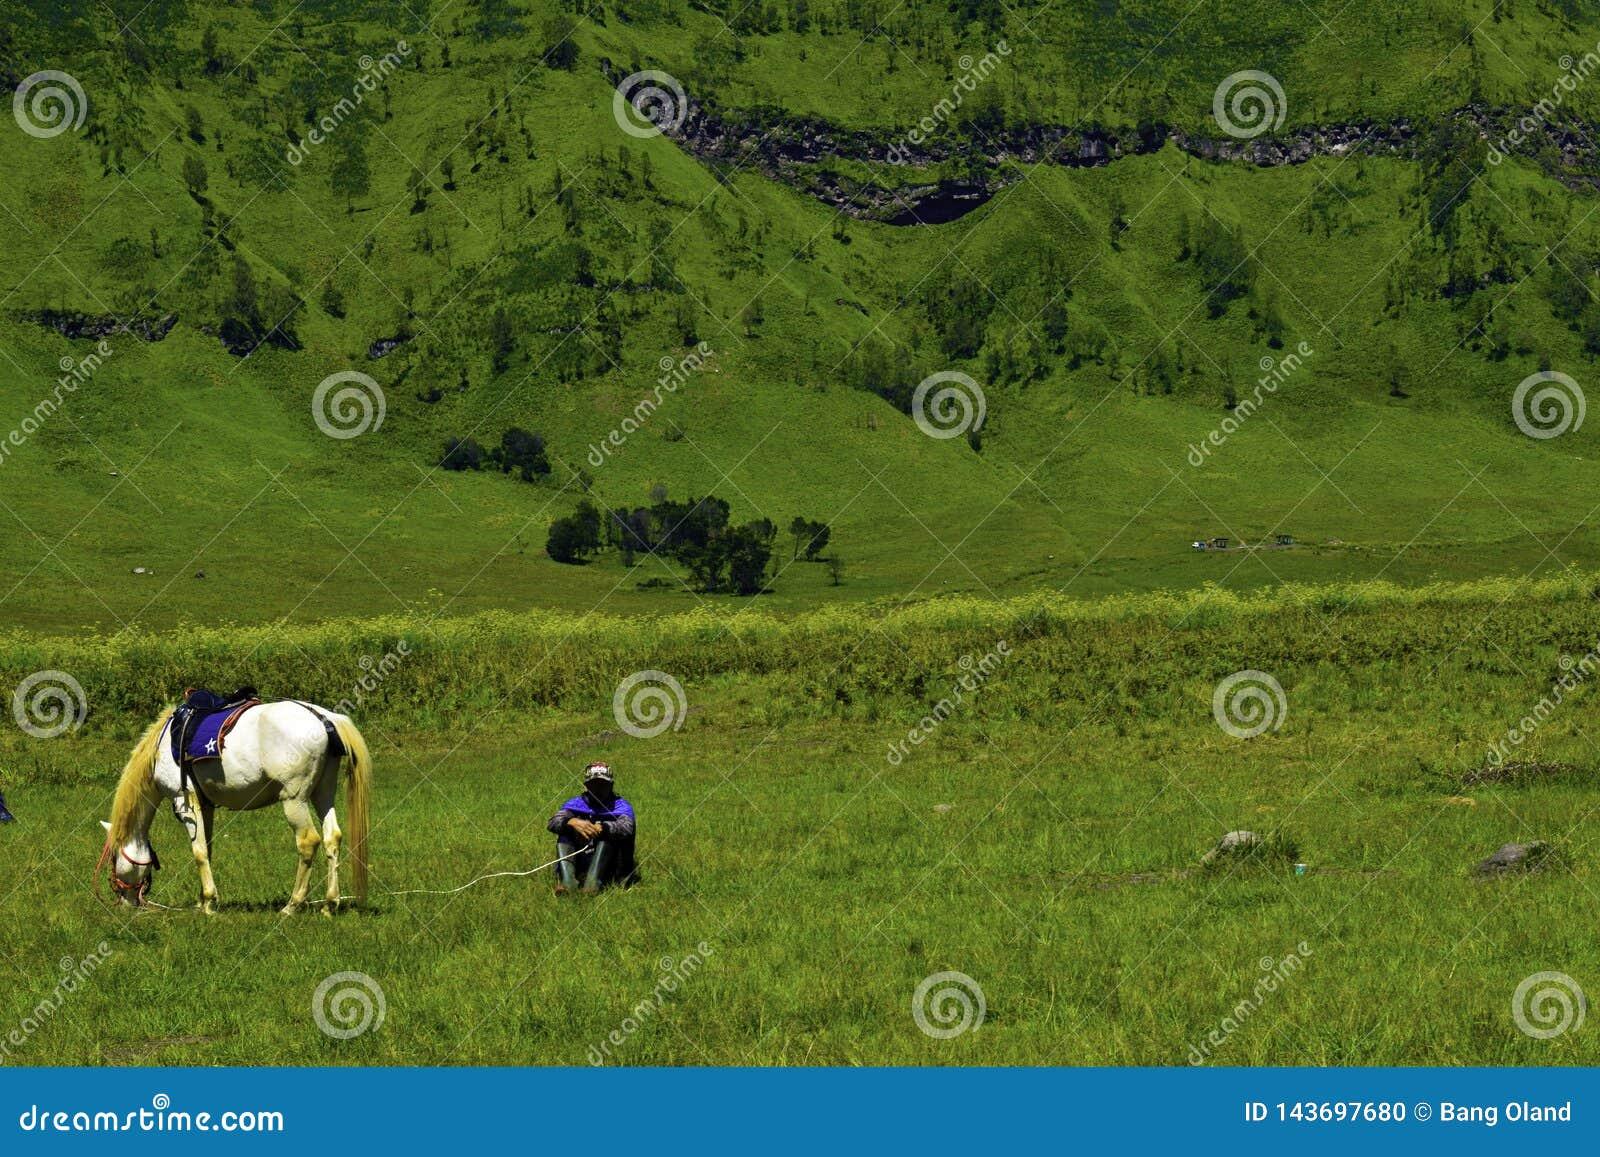 Povos de Unreconized Ideia cênico de campo de grama verde de campos de exploração agrícola de rolamento do verde do campo com cav